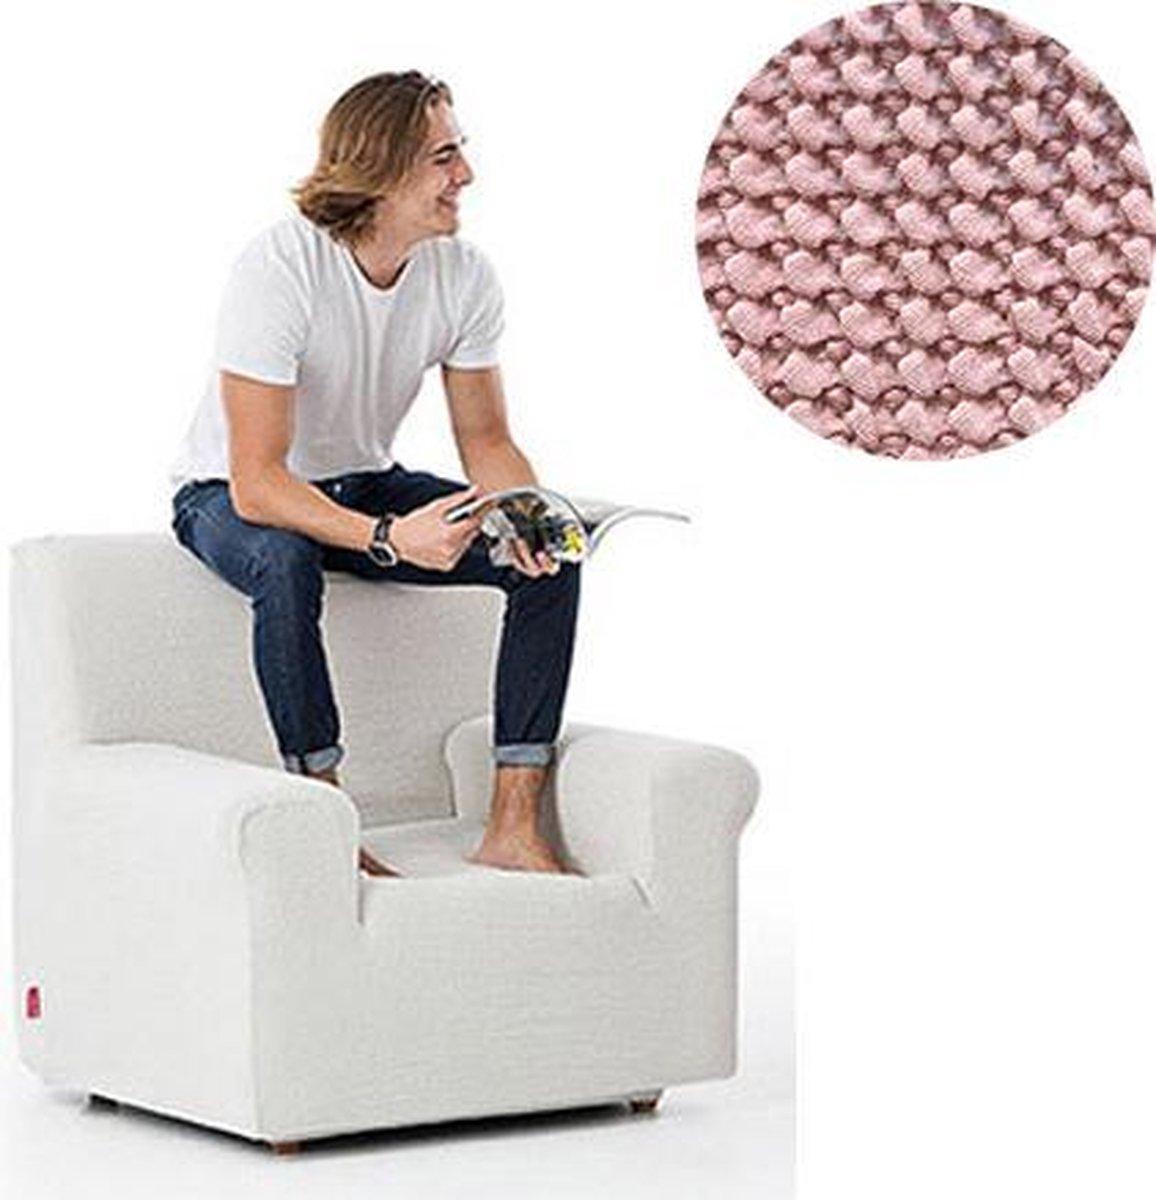 Milos meubelhoezen - Hoes voor fauteuil 70-110cm - Roze - Verkrijgbaar in verschillende kleuren!